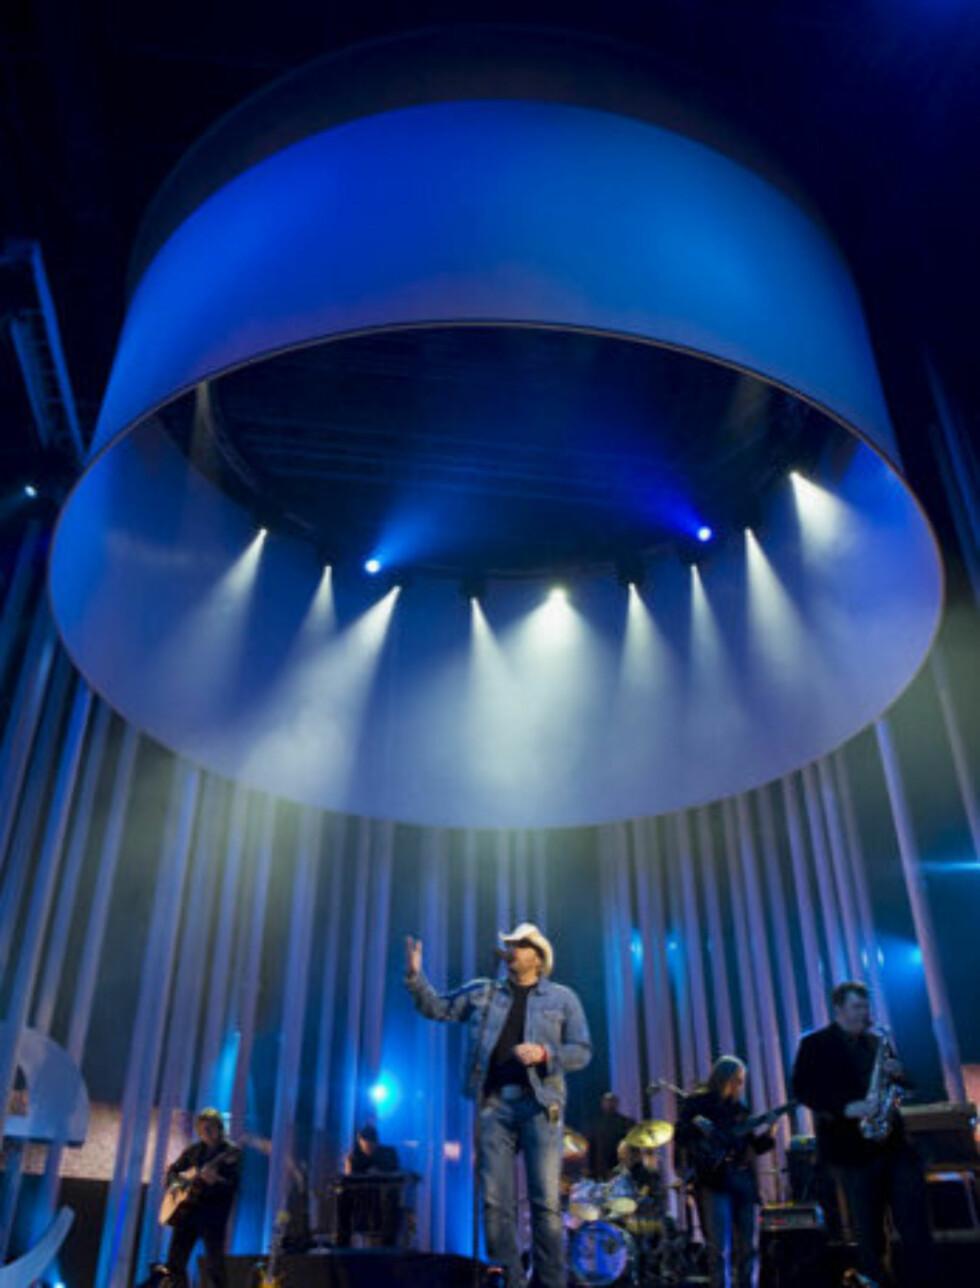 FESTFINT: Oslo Spektrum viste seg fra sin beste side under Nobelkonserten. Foto: Per Ervland/Seher.no